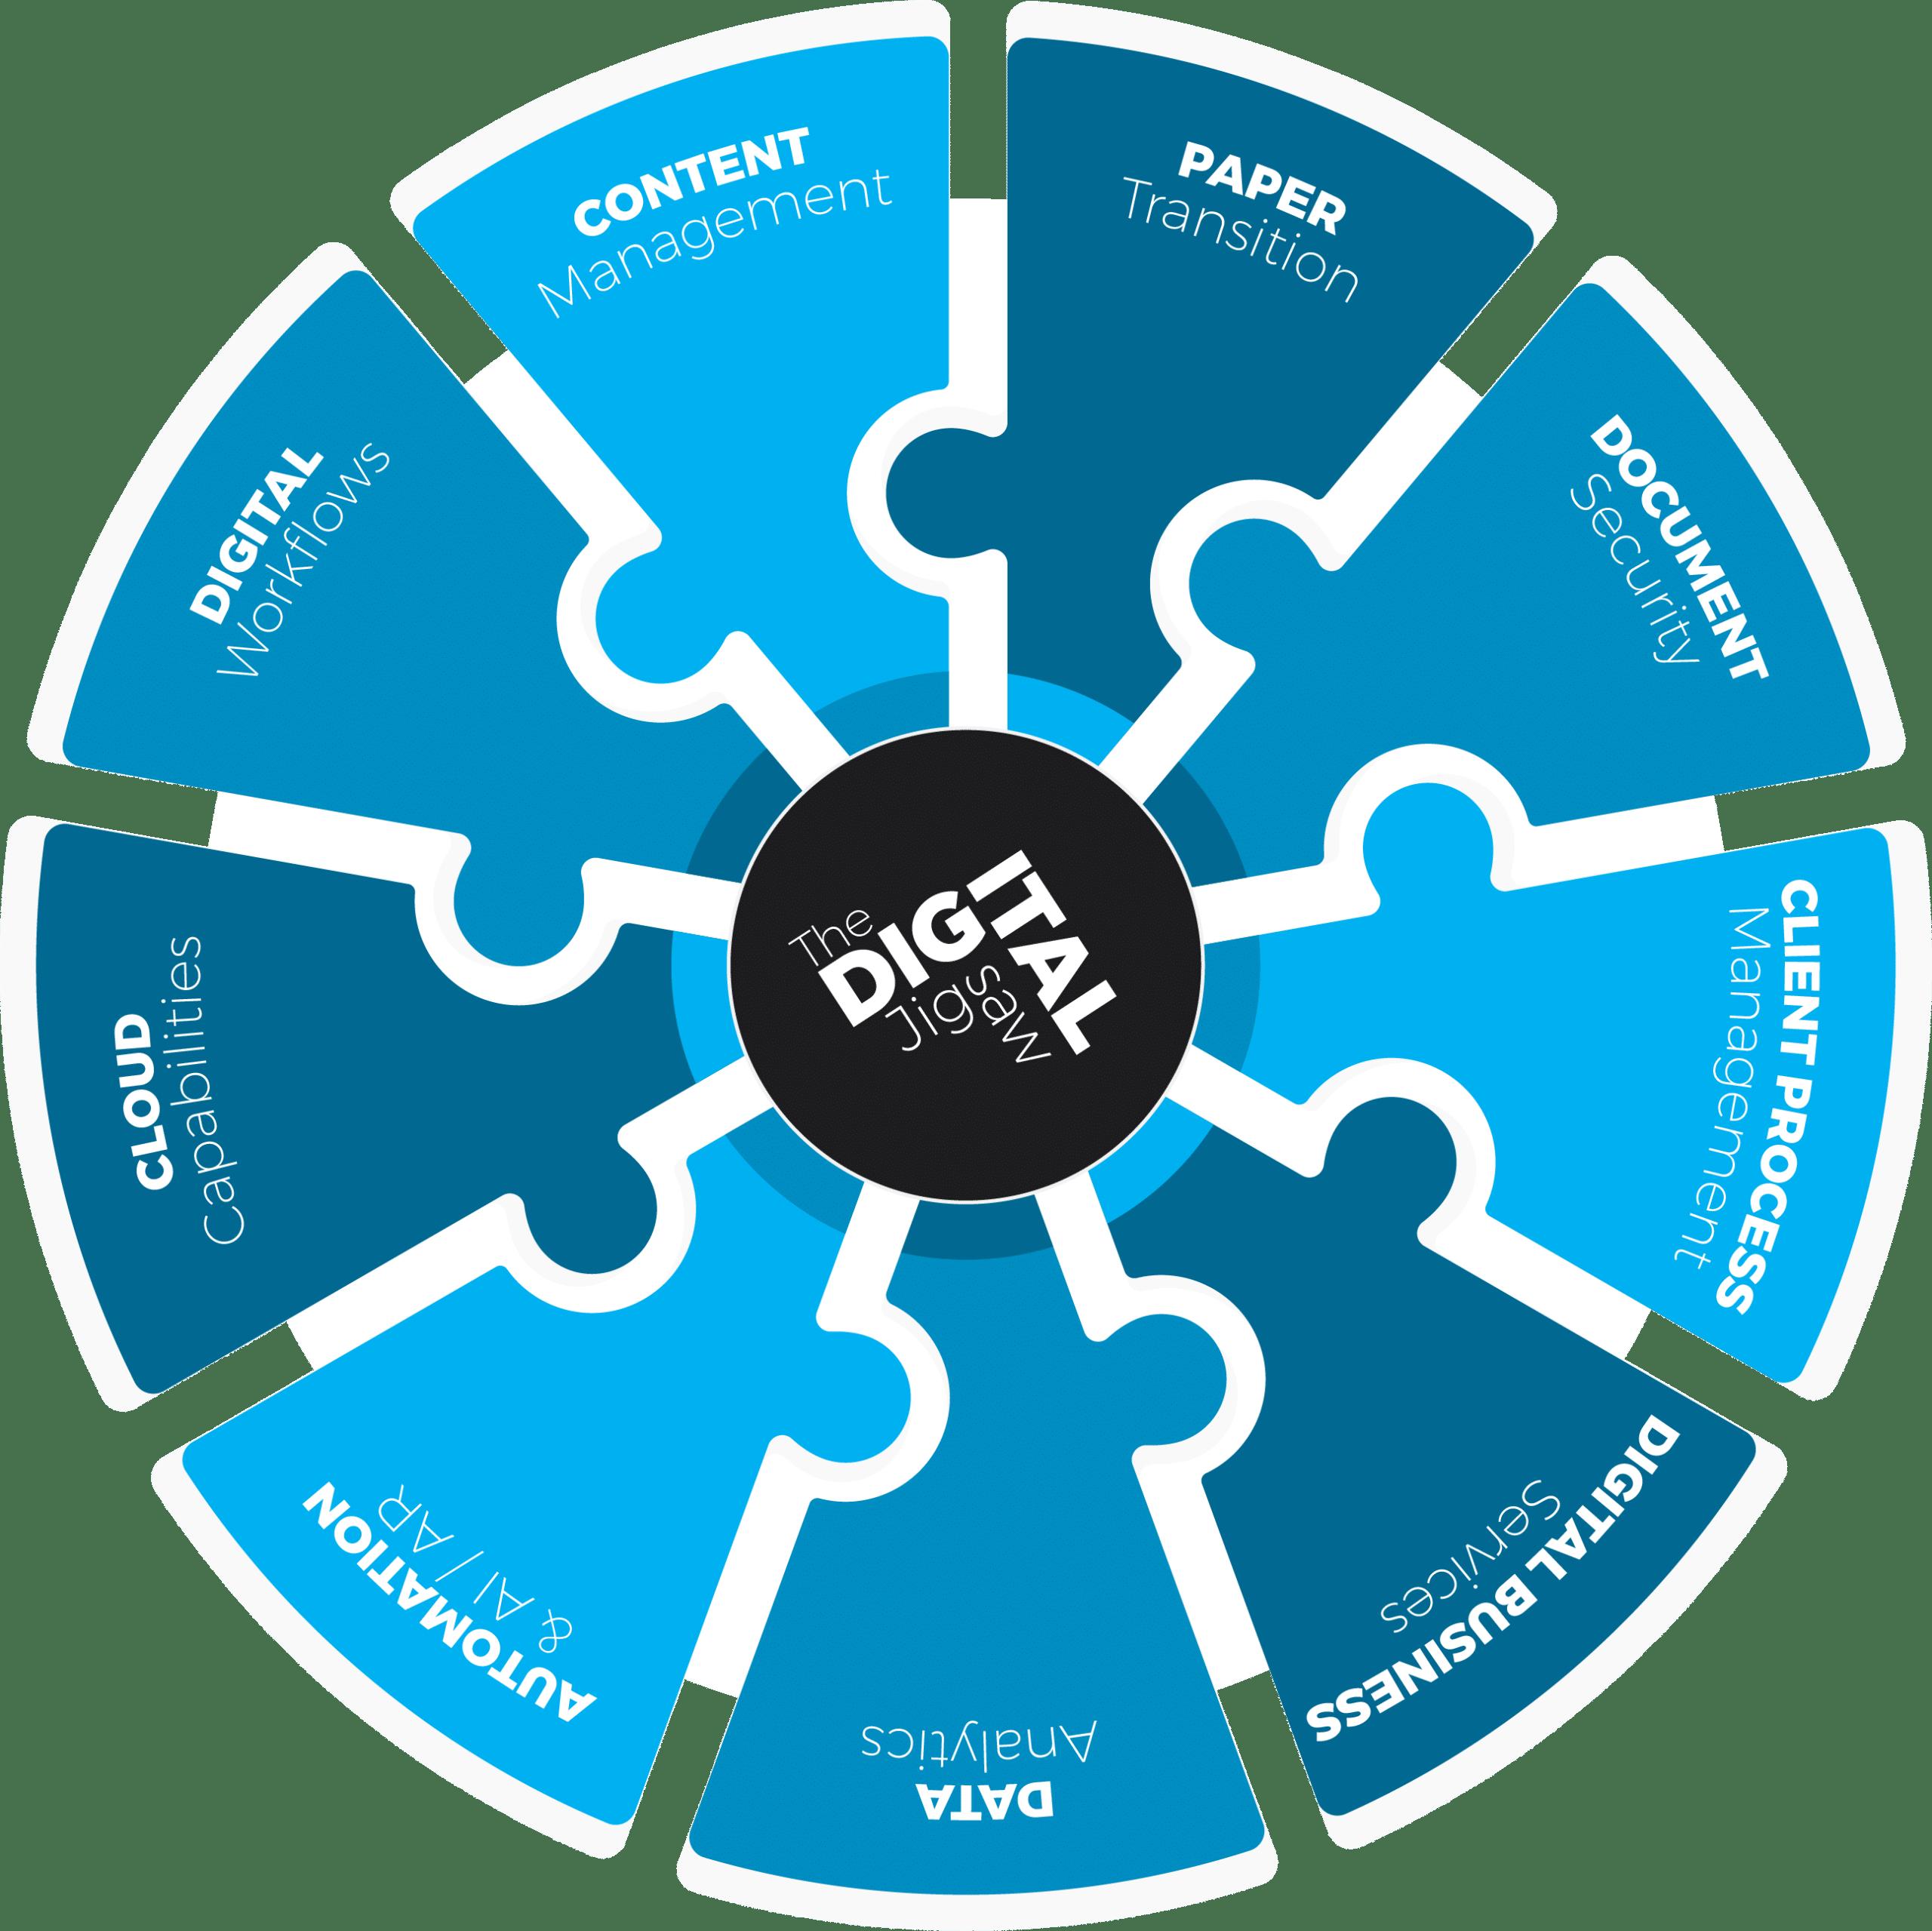 The Pinnacle Digital Jigsaw